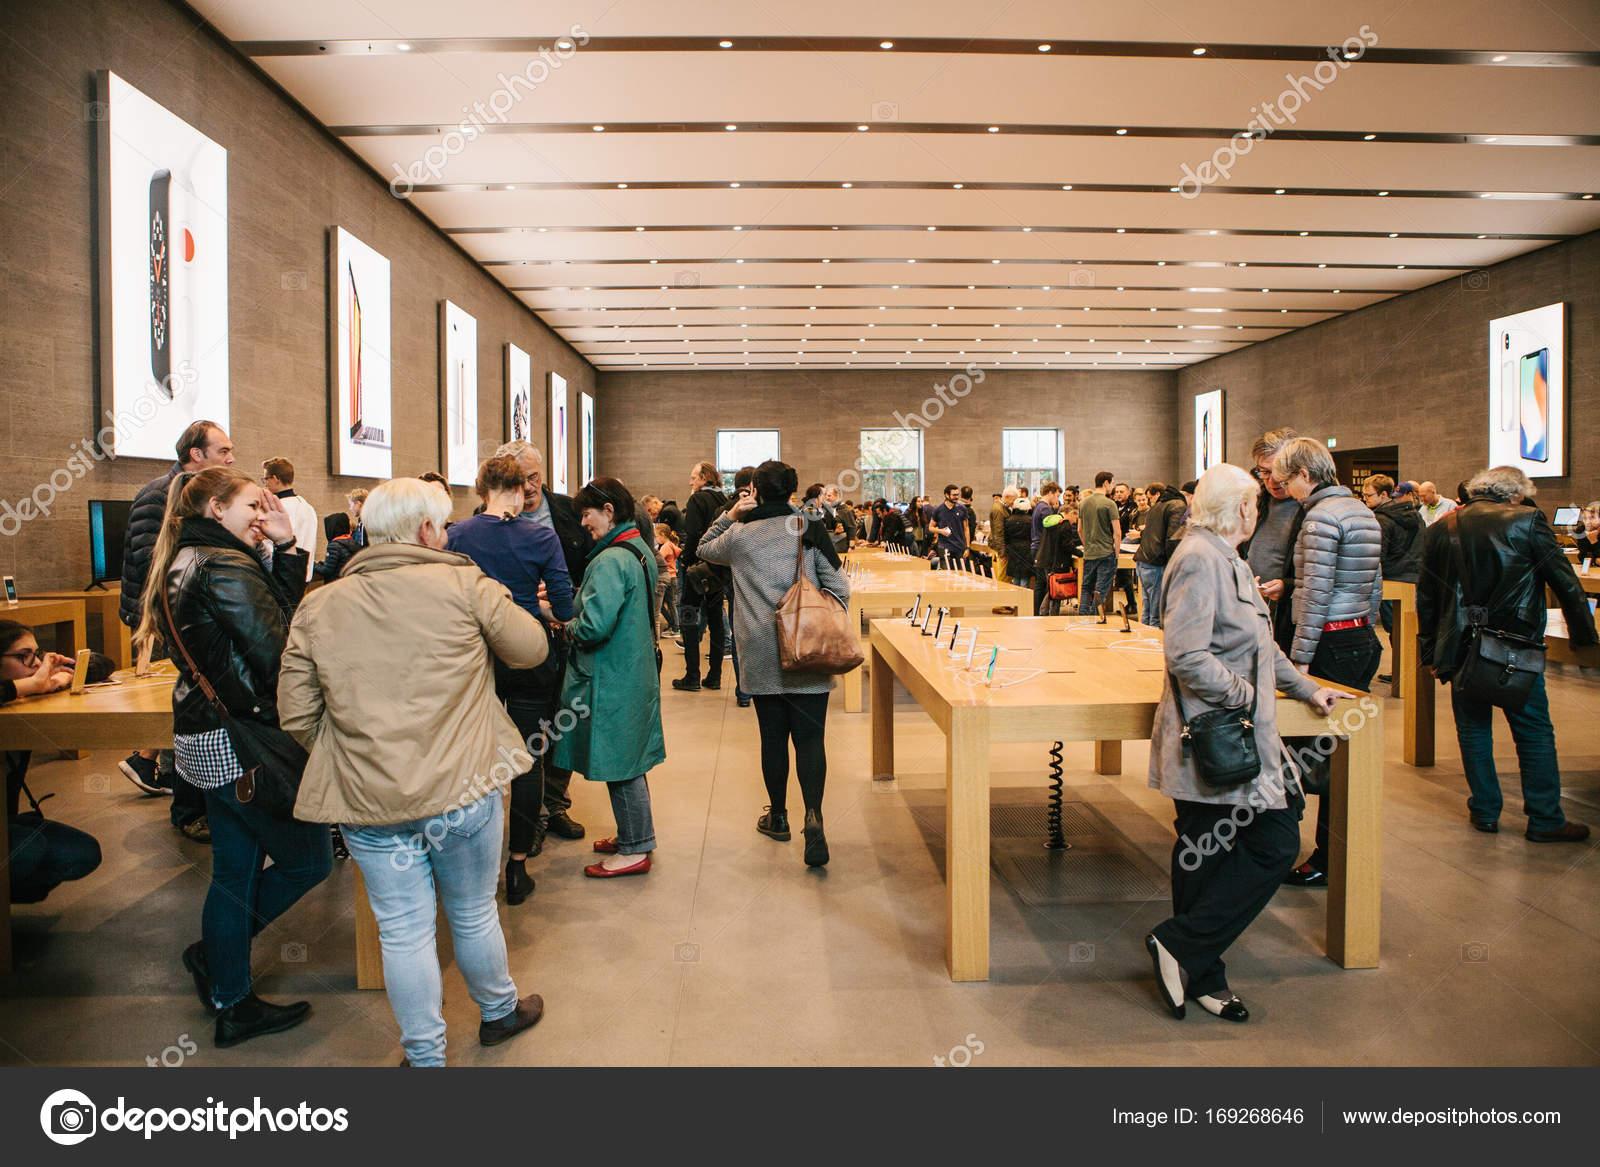 Apple Store Berlin. An Apple Employee Hands Over Apple Iphone Phones ...